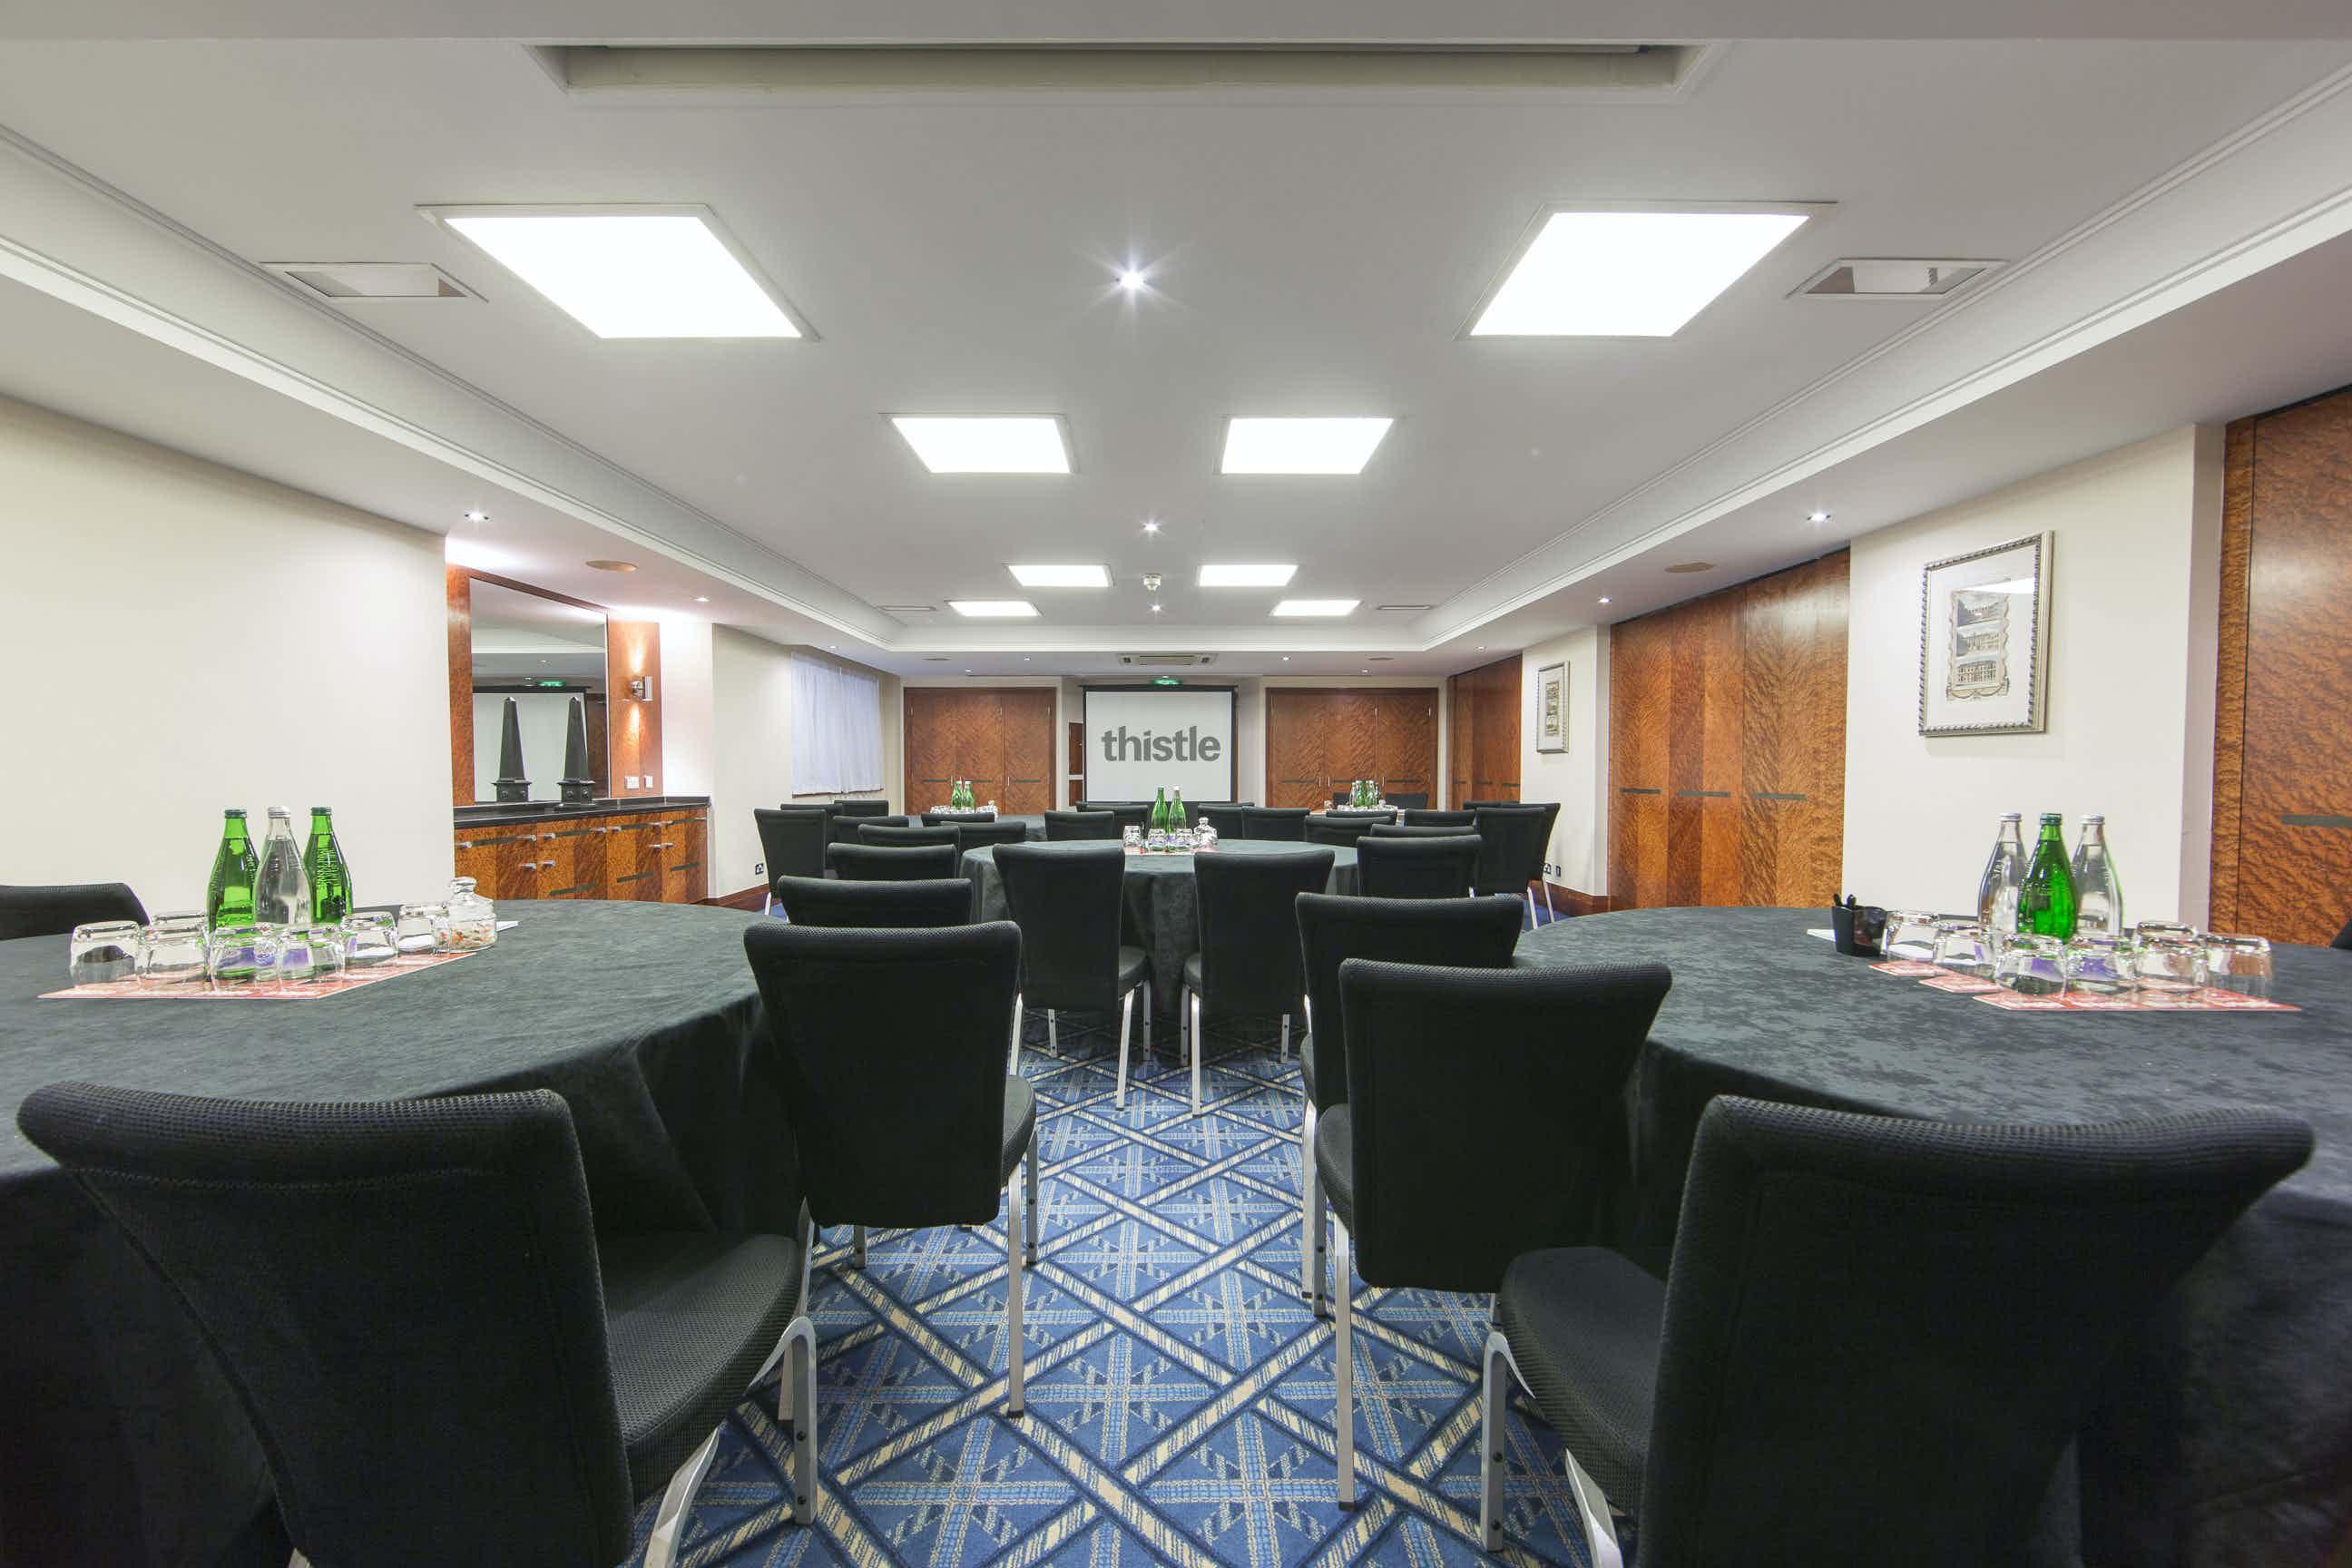 Mansion Suite, Thistle City Barbican